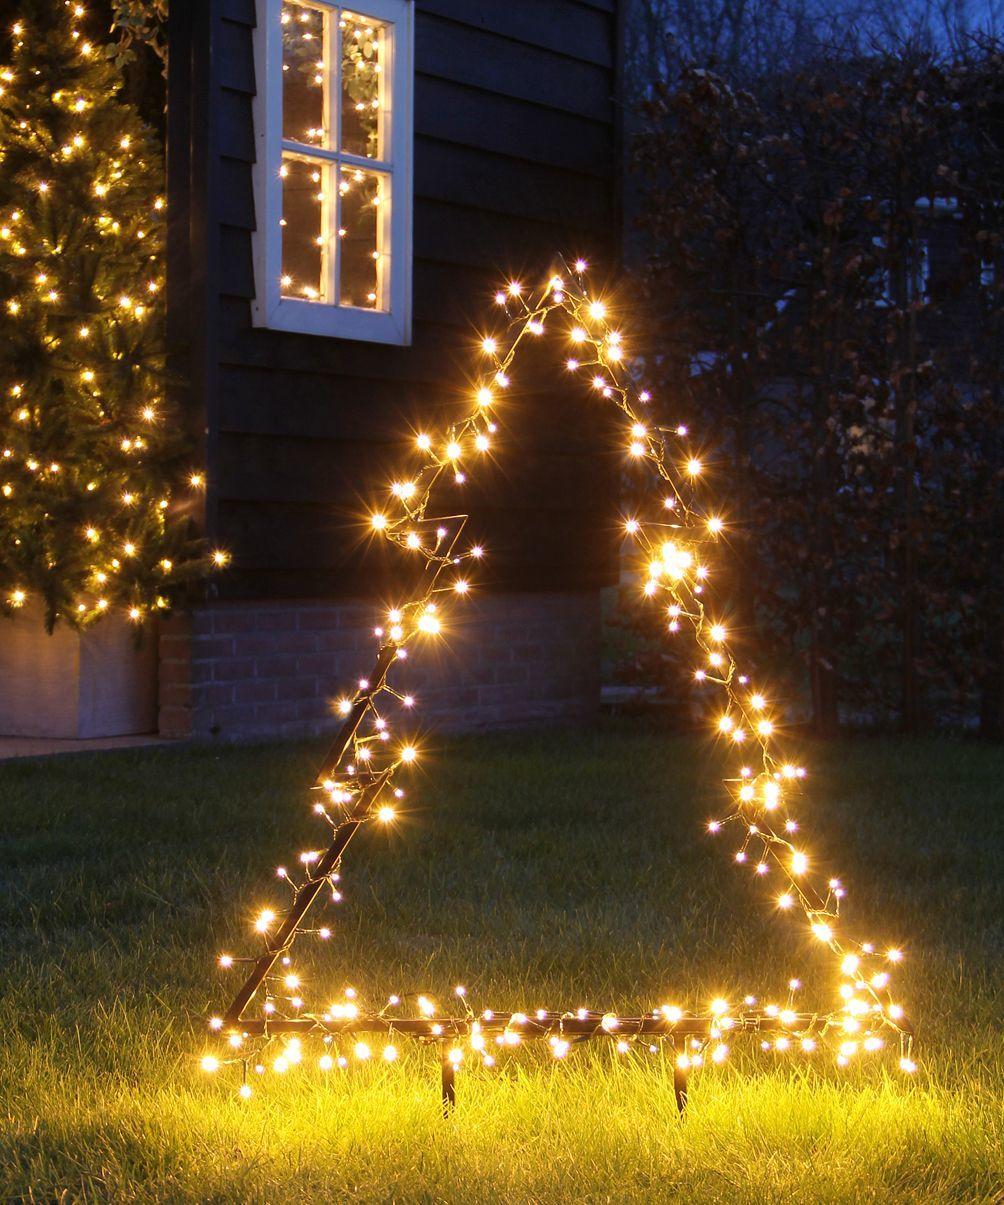 La Décoration Extérieure De Noël : 10 Idées Déco Pour ... encequiconcerne Boule Lumineuse Jardin